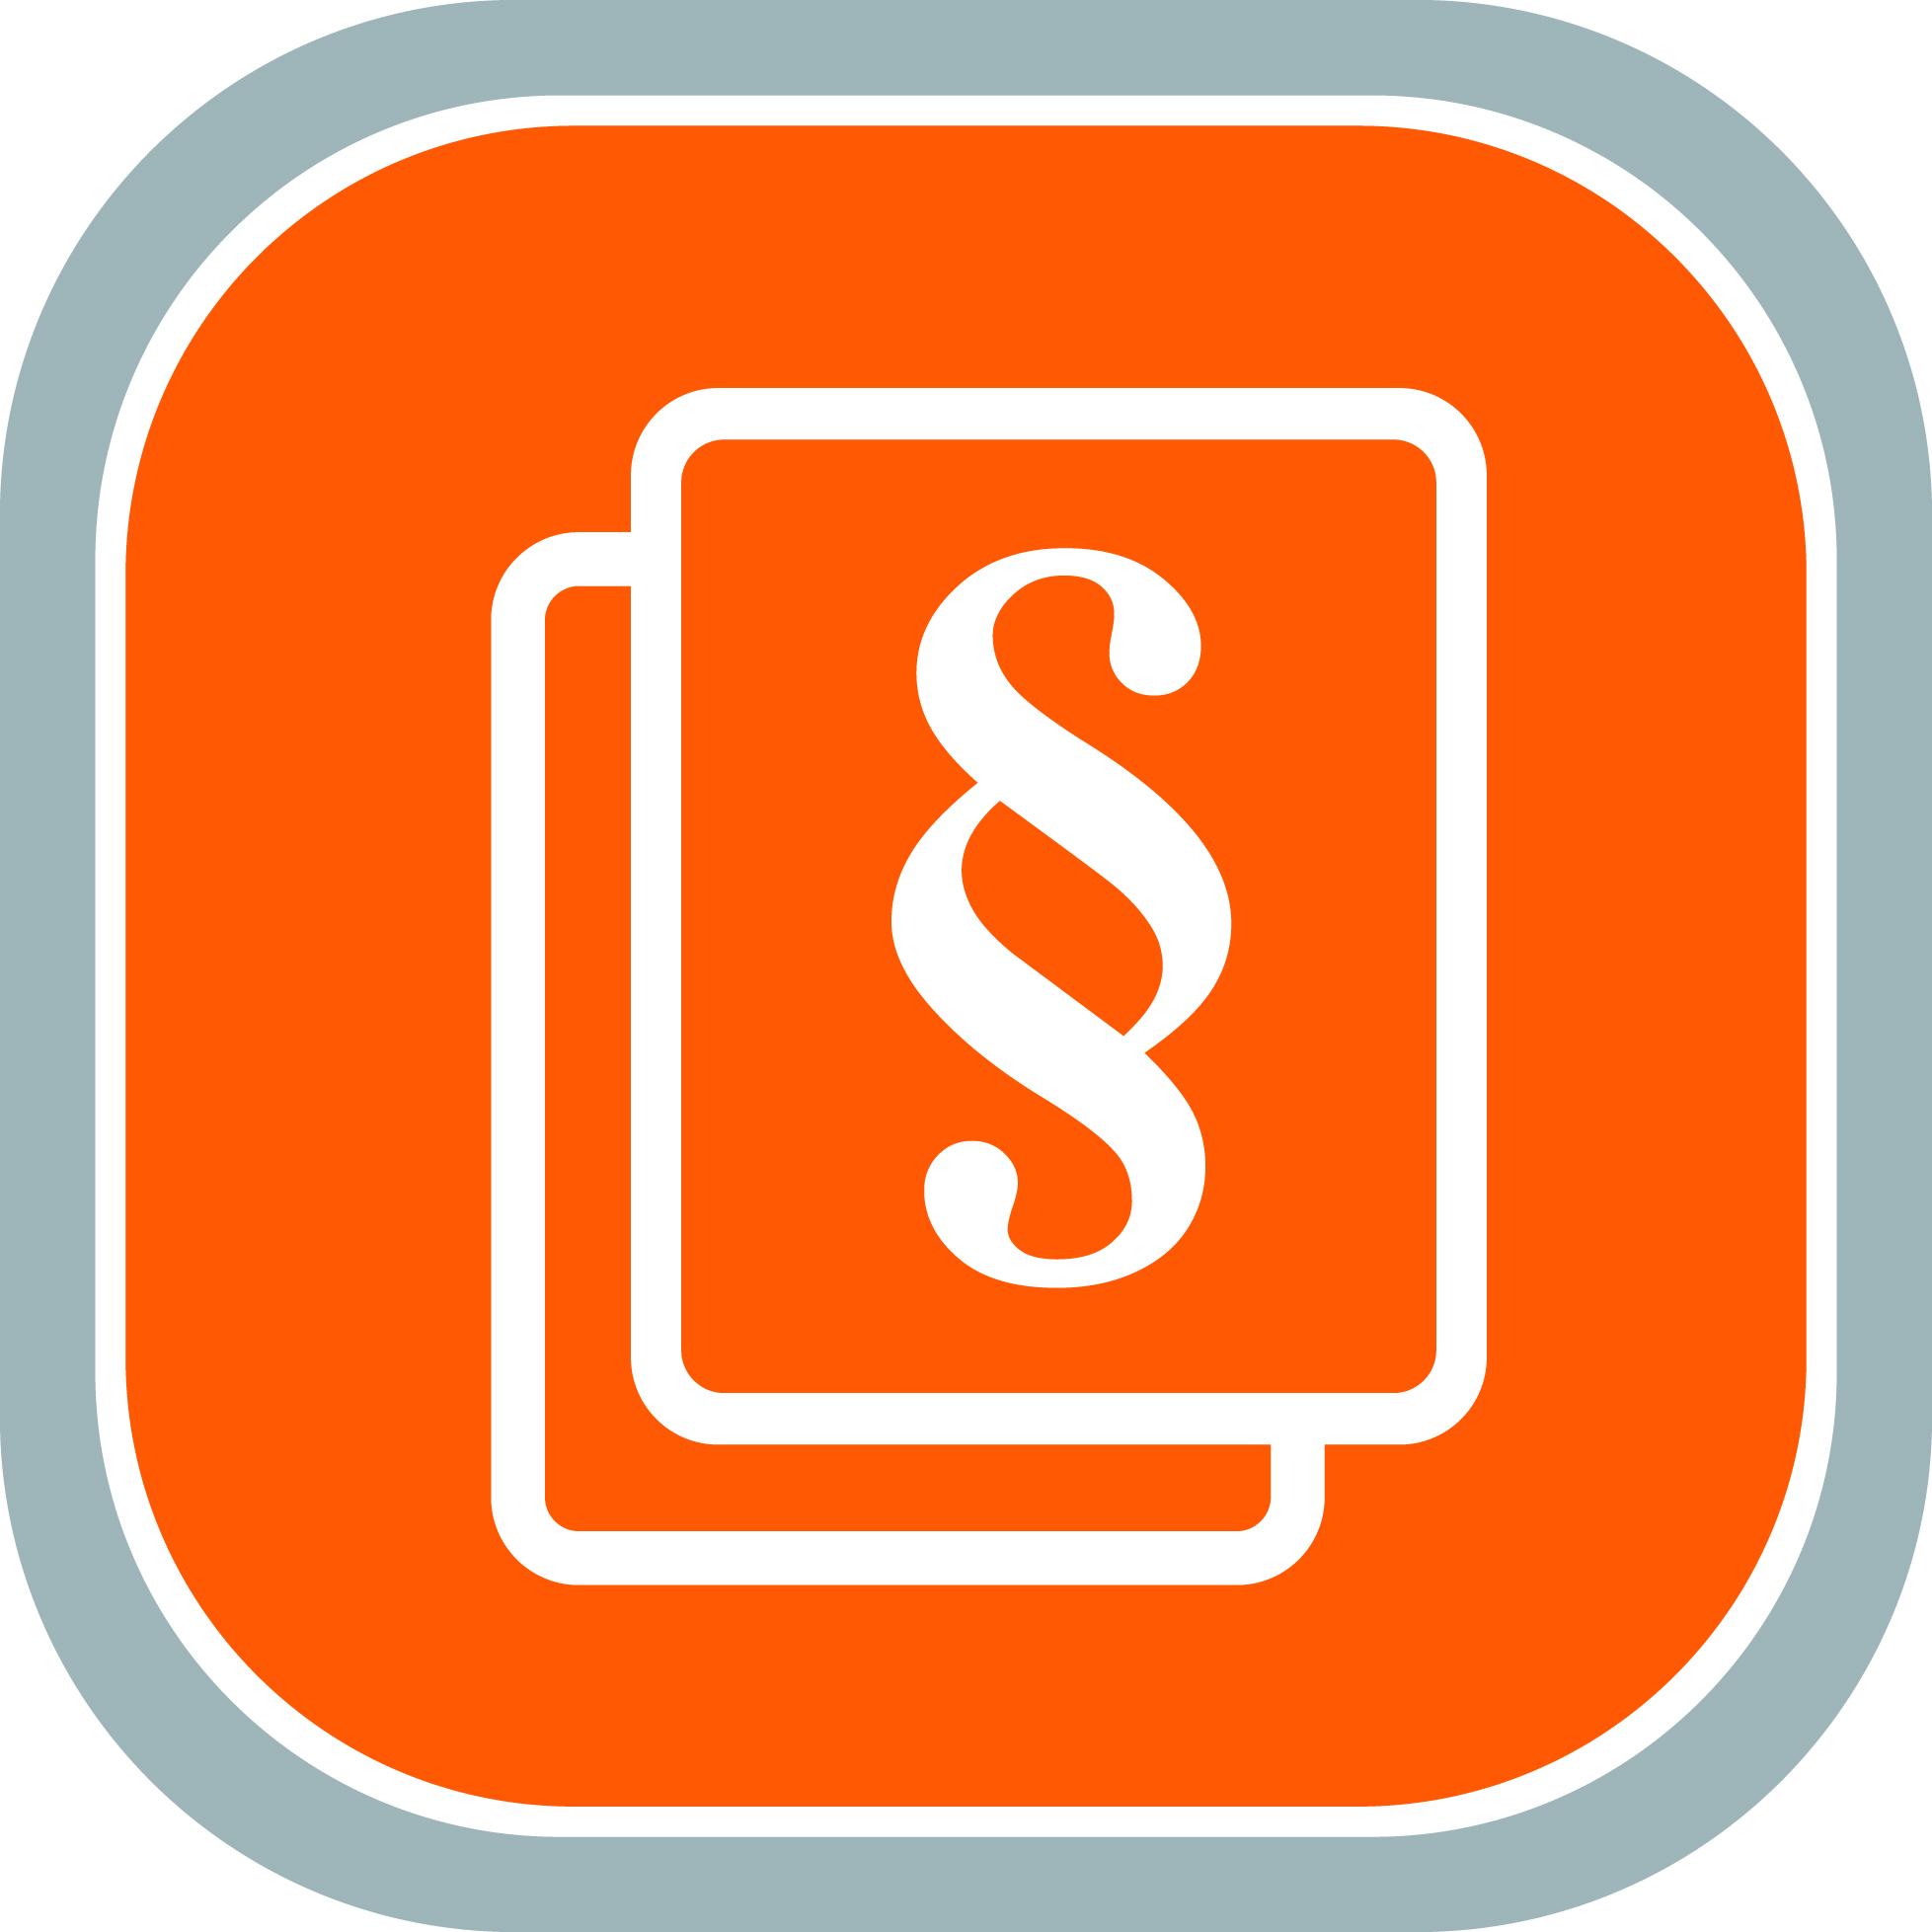 Poplatky a daně logo